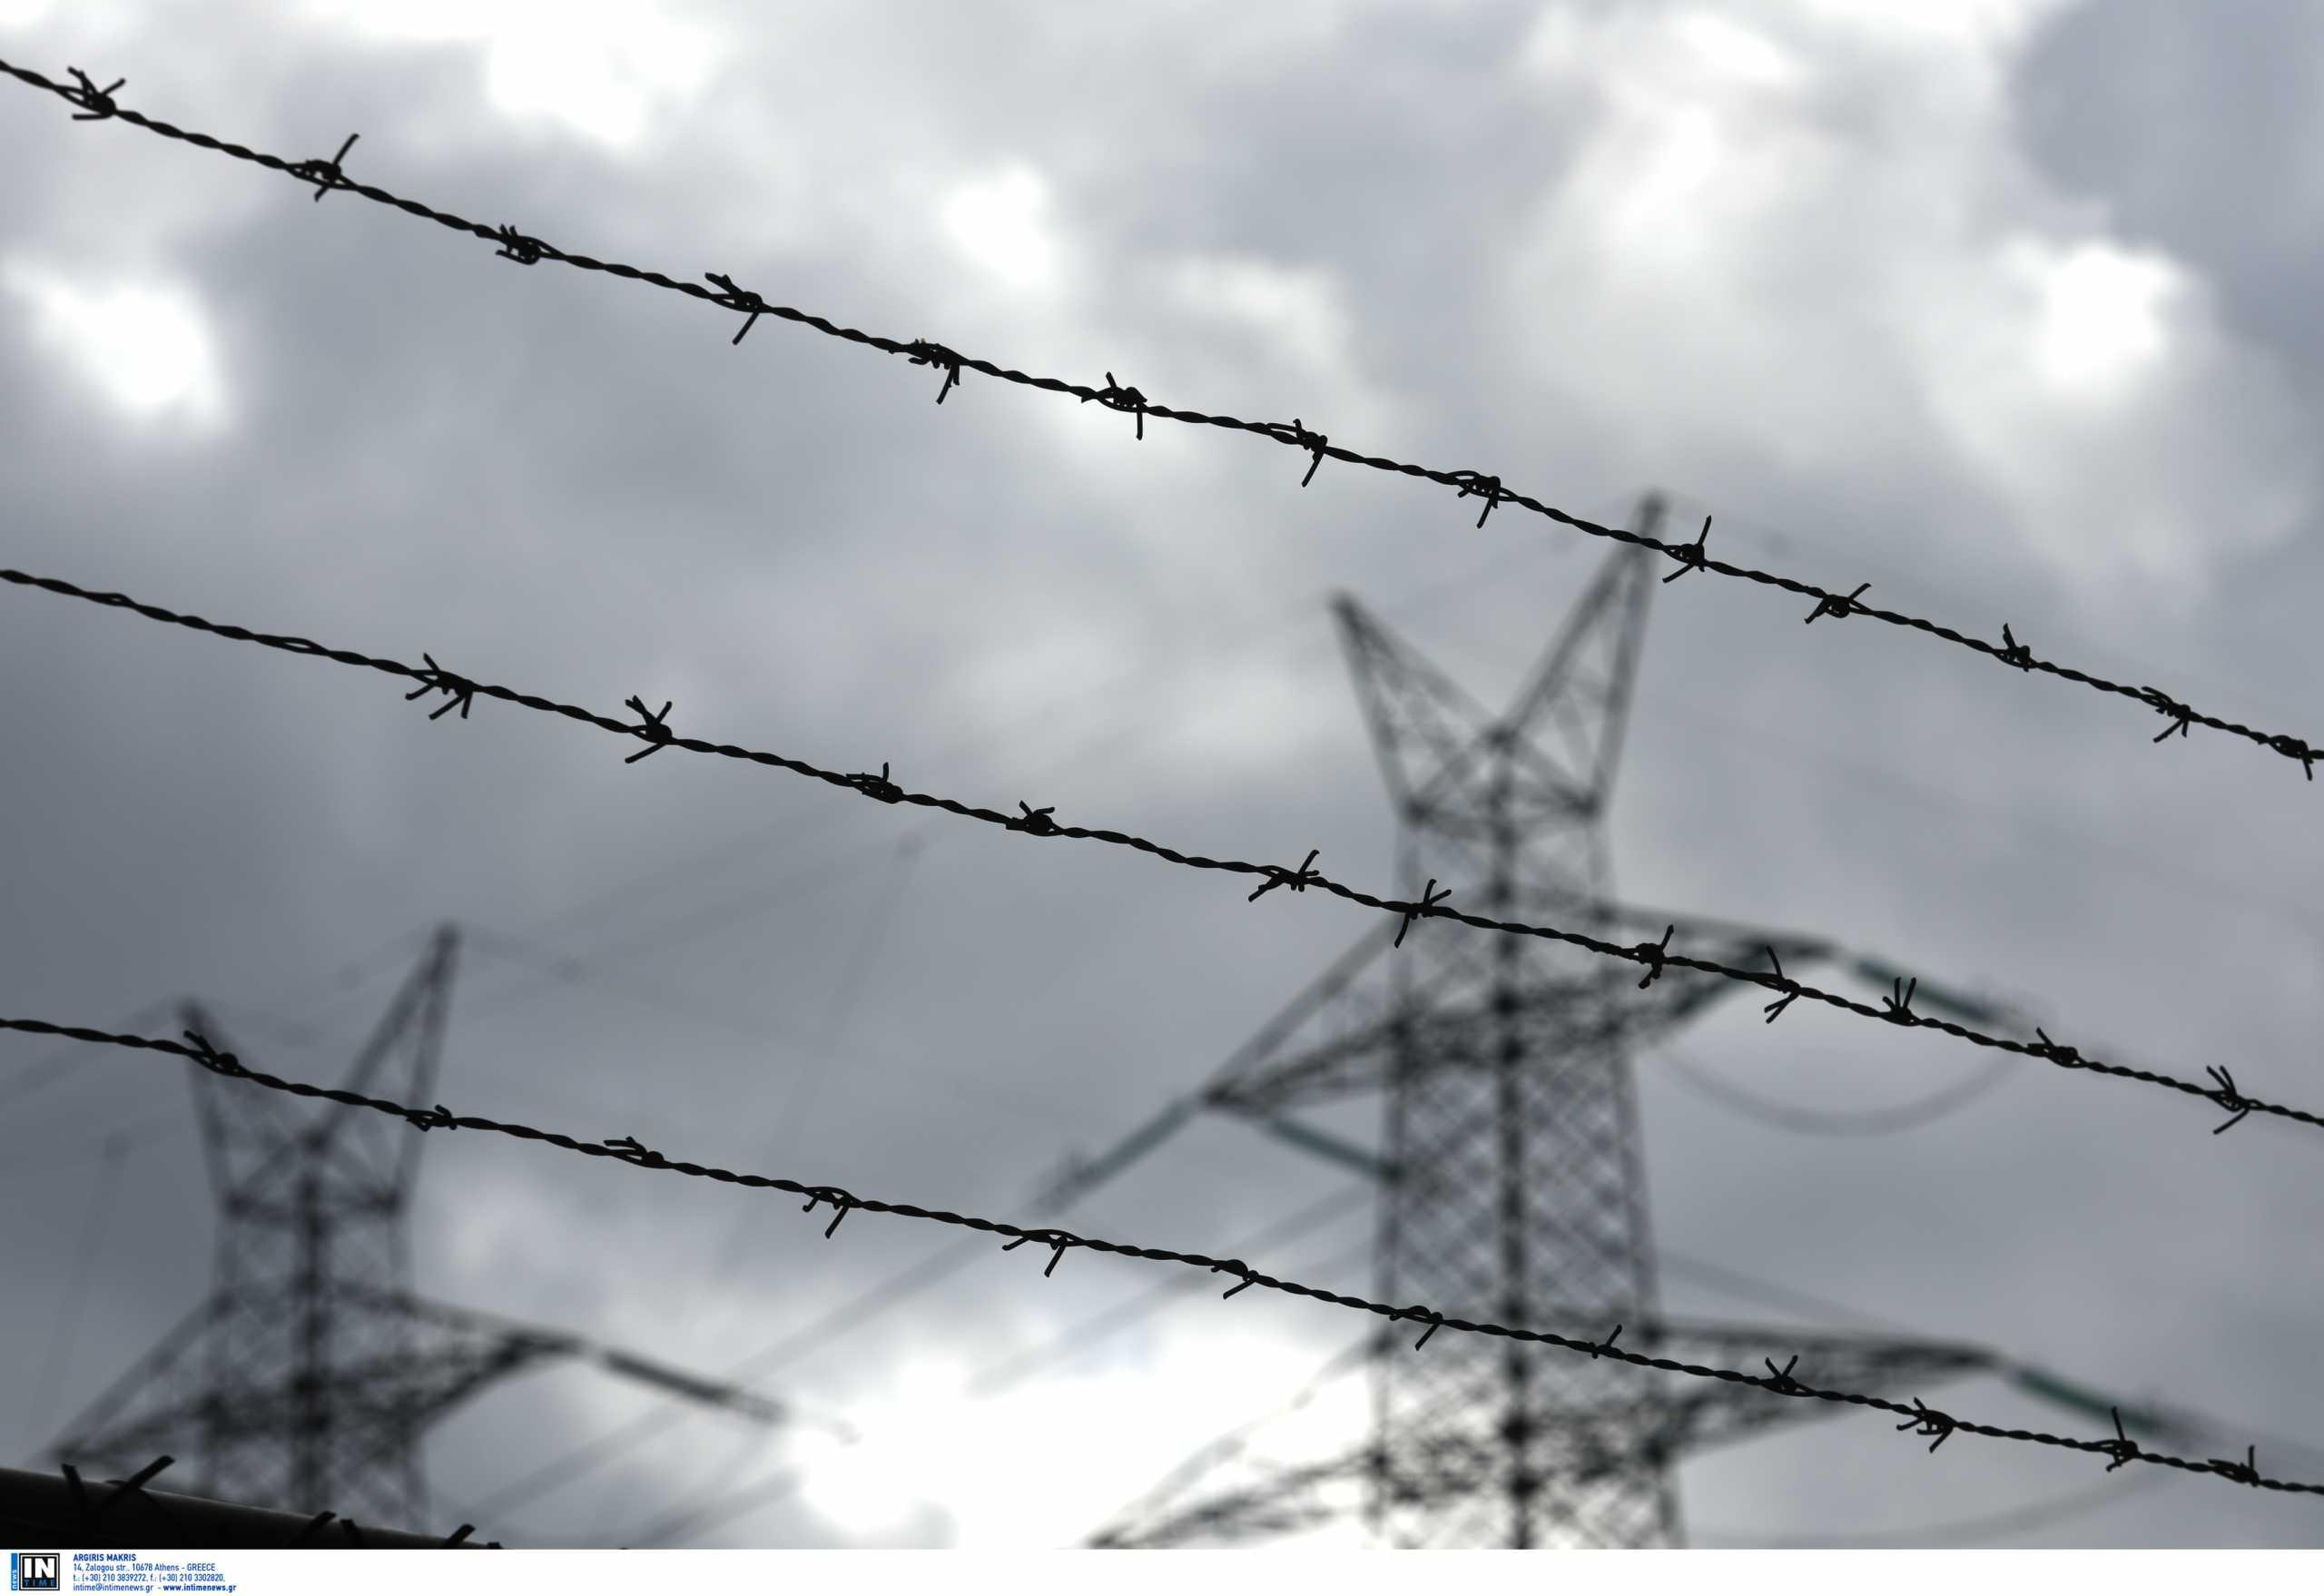 Λογαριασμοί ρεύματος: Το νέο σενάριο για τη ΔΕΗ – Διευκρινίσεις για τα μέτρα συγκράτησης τιμών